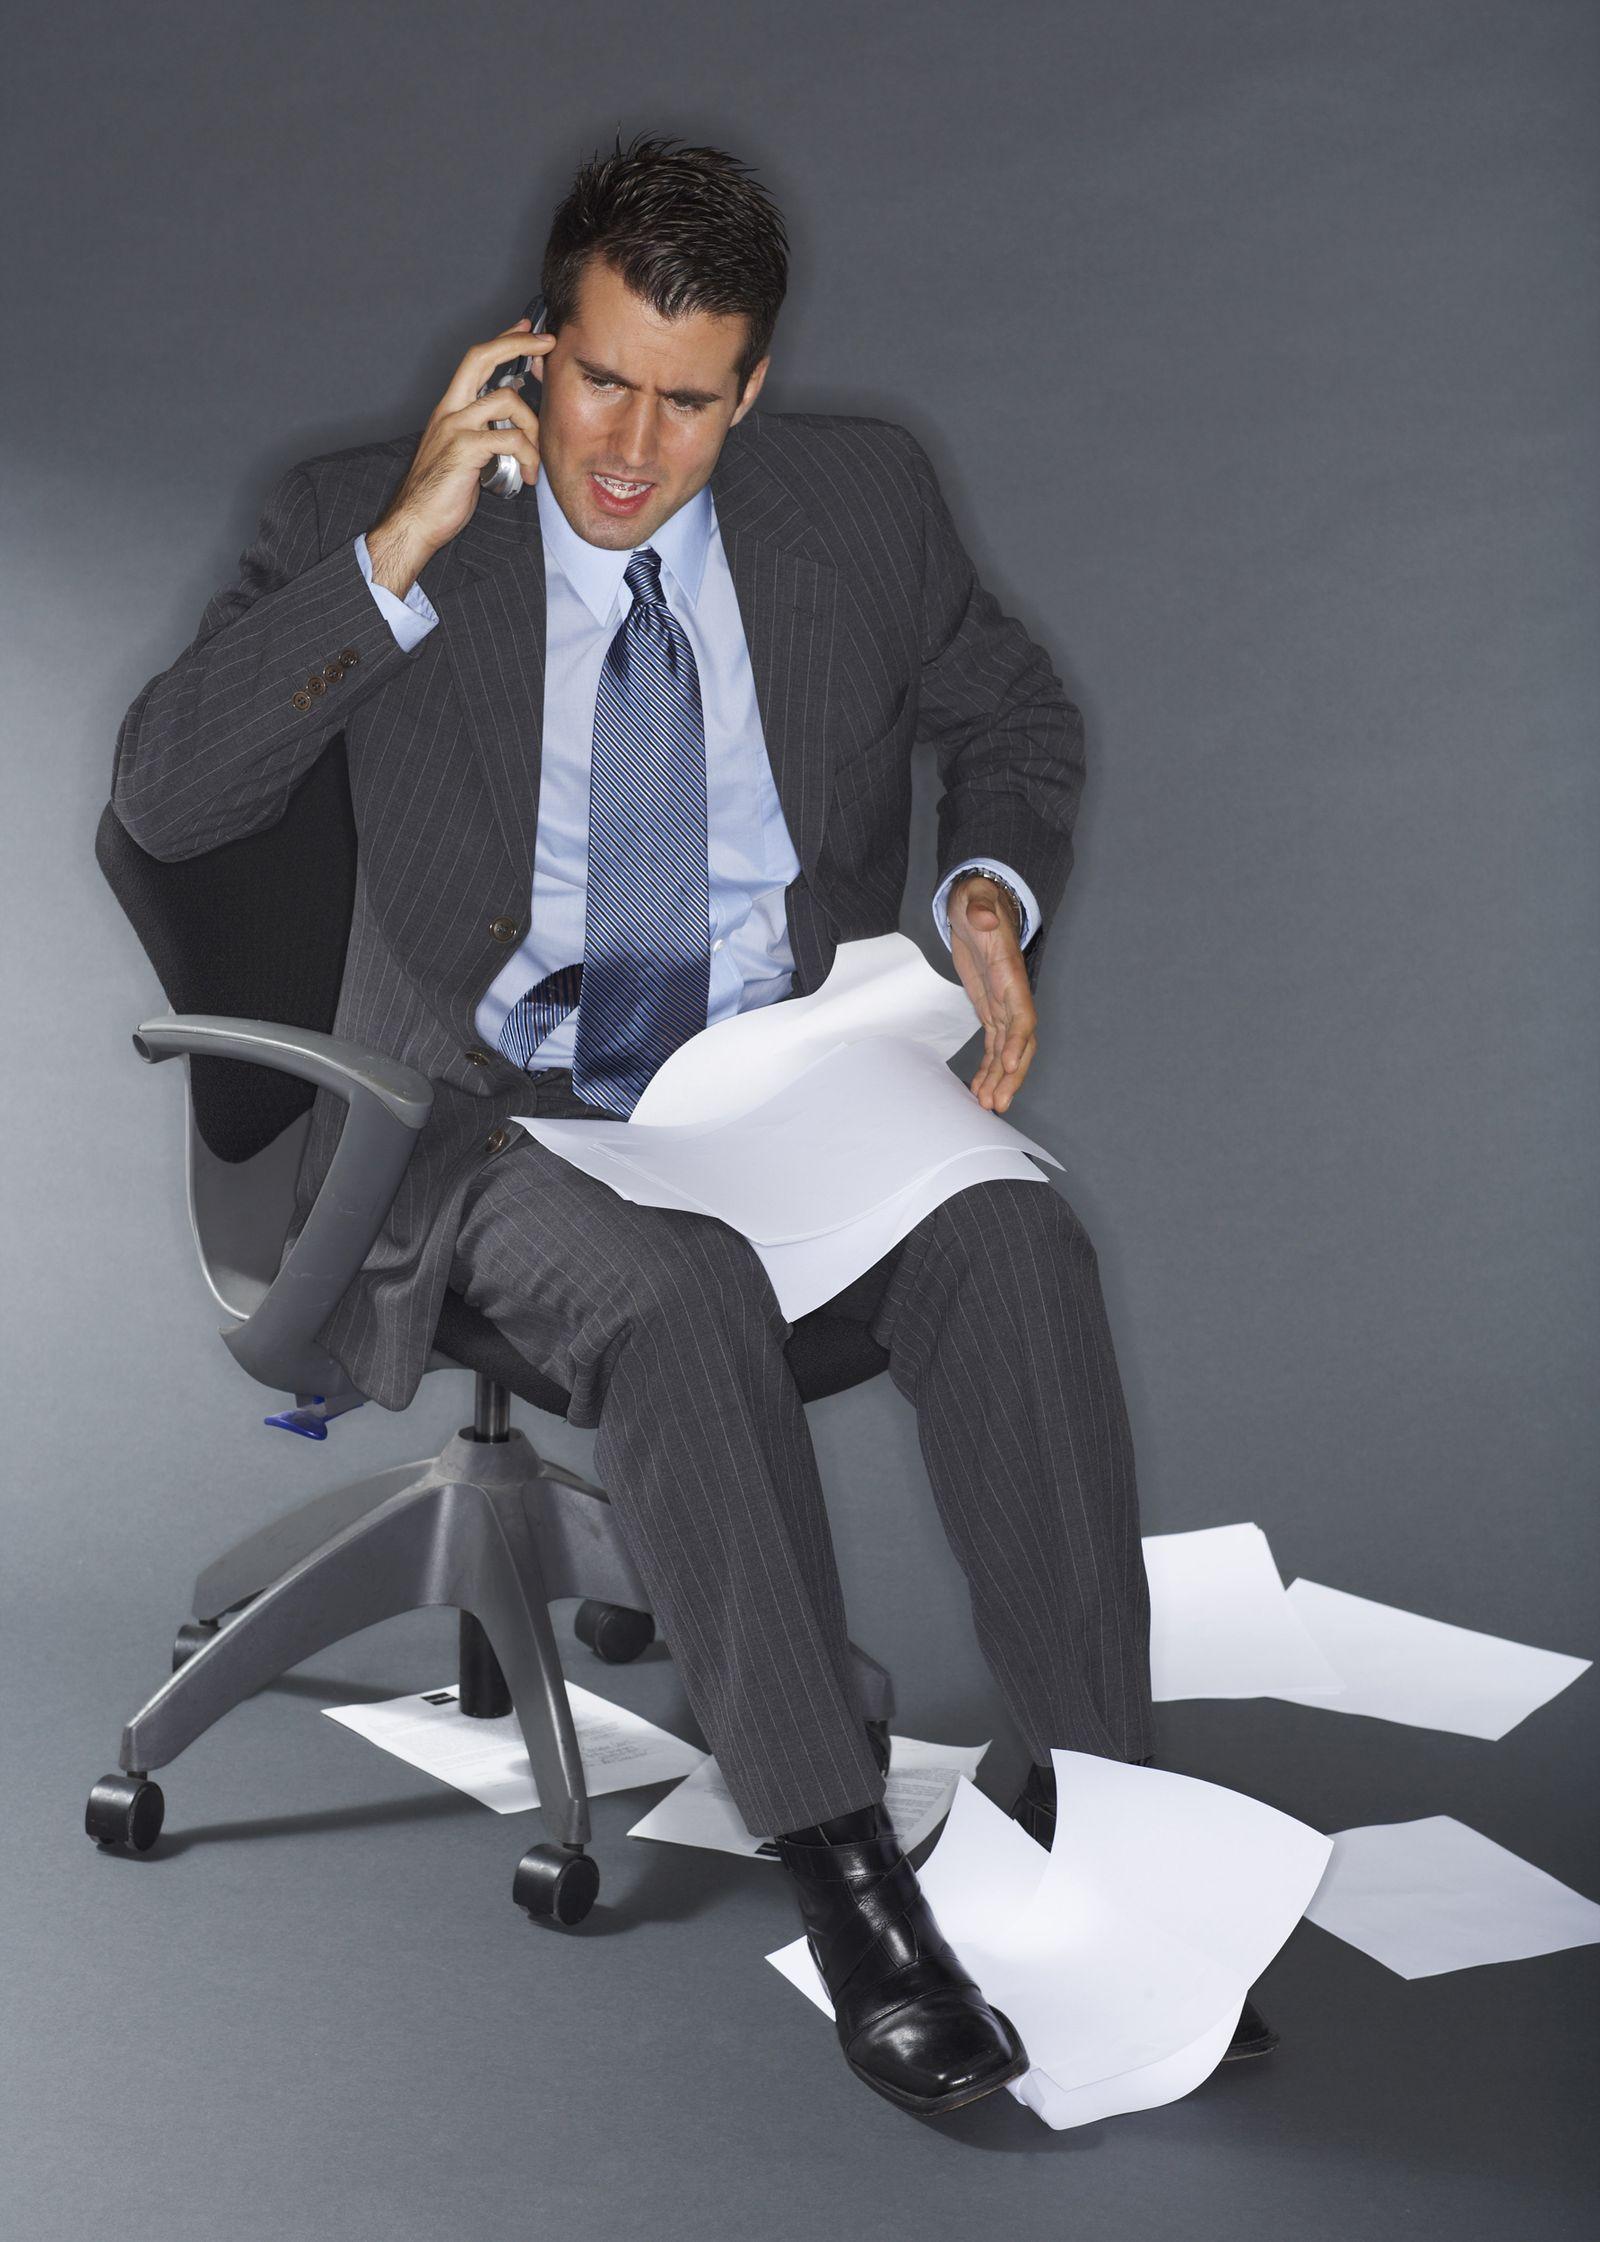 NICHT MEHR VERWENDEN! - Manager / Stress